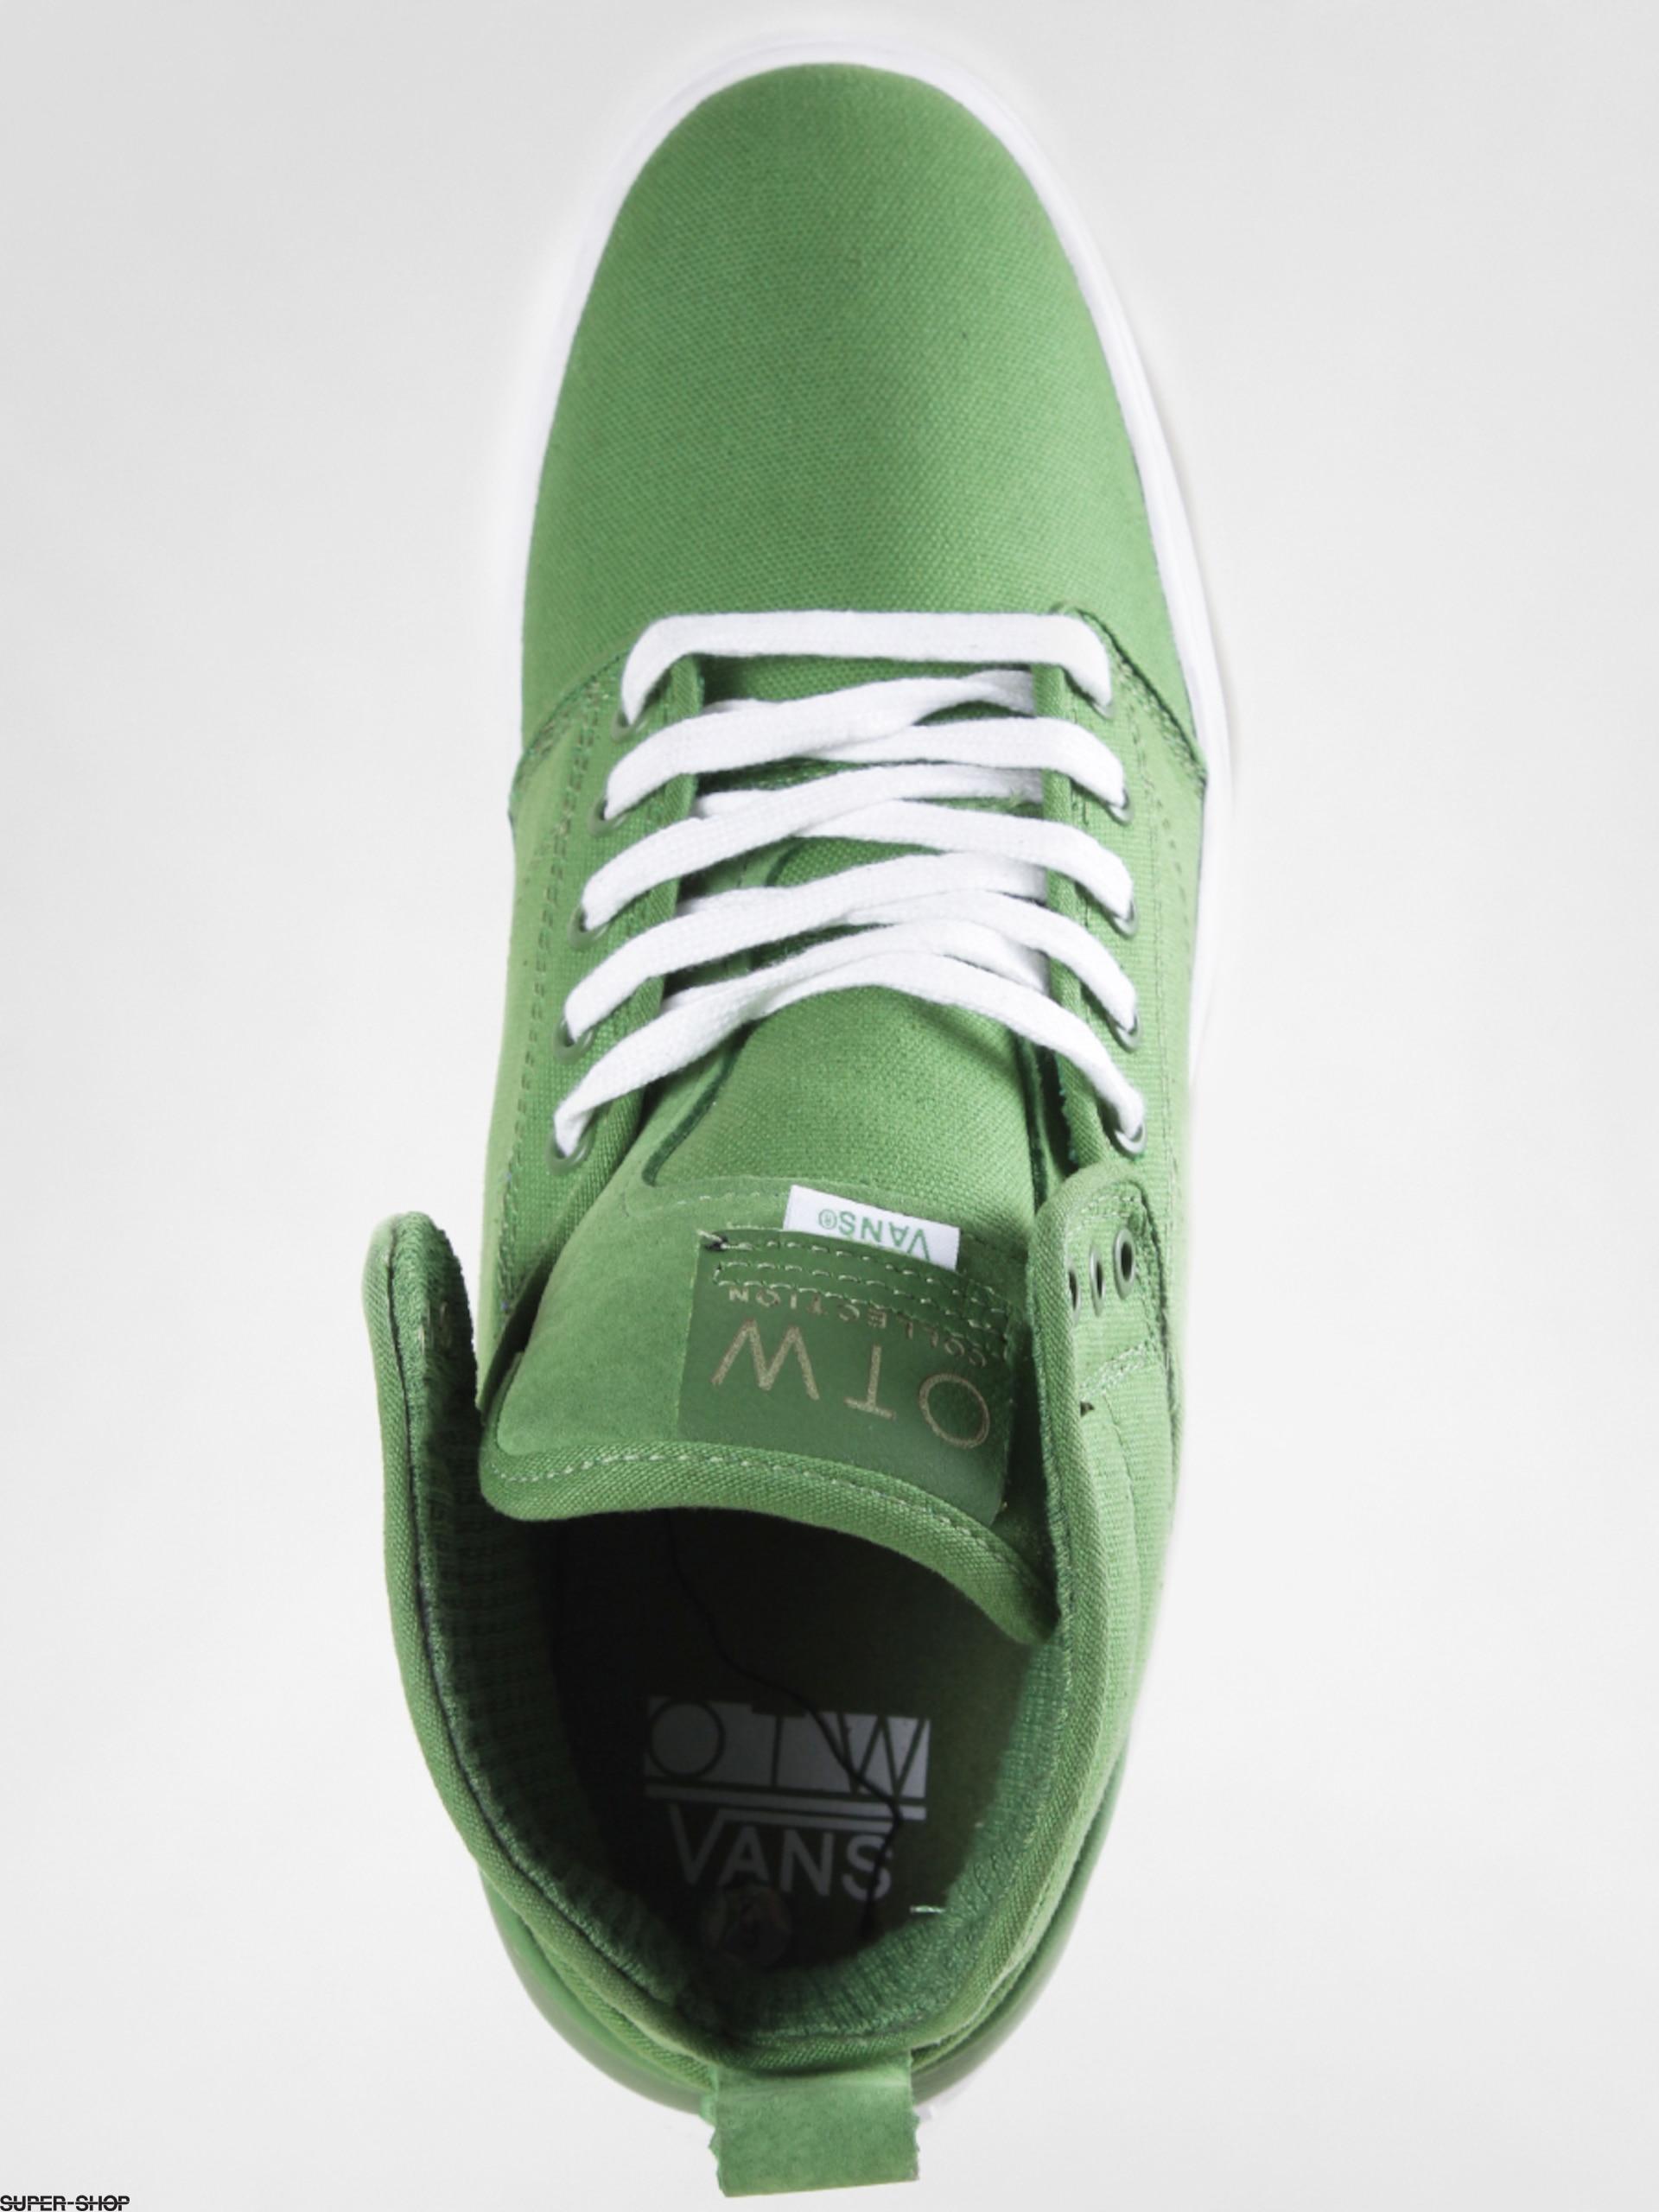 Vans shoes Alomar (basic/grn/wht)